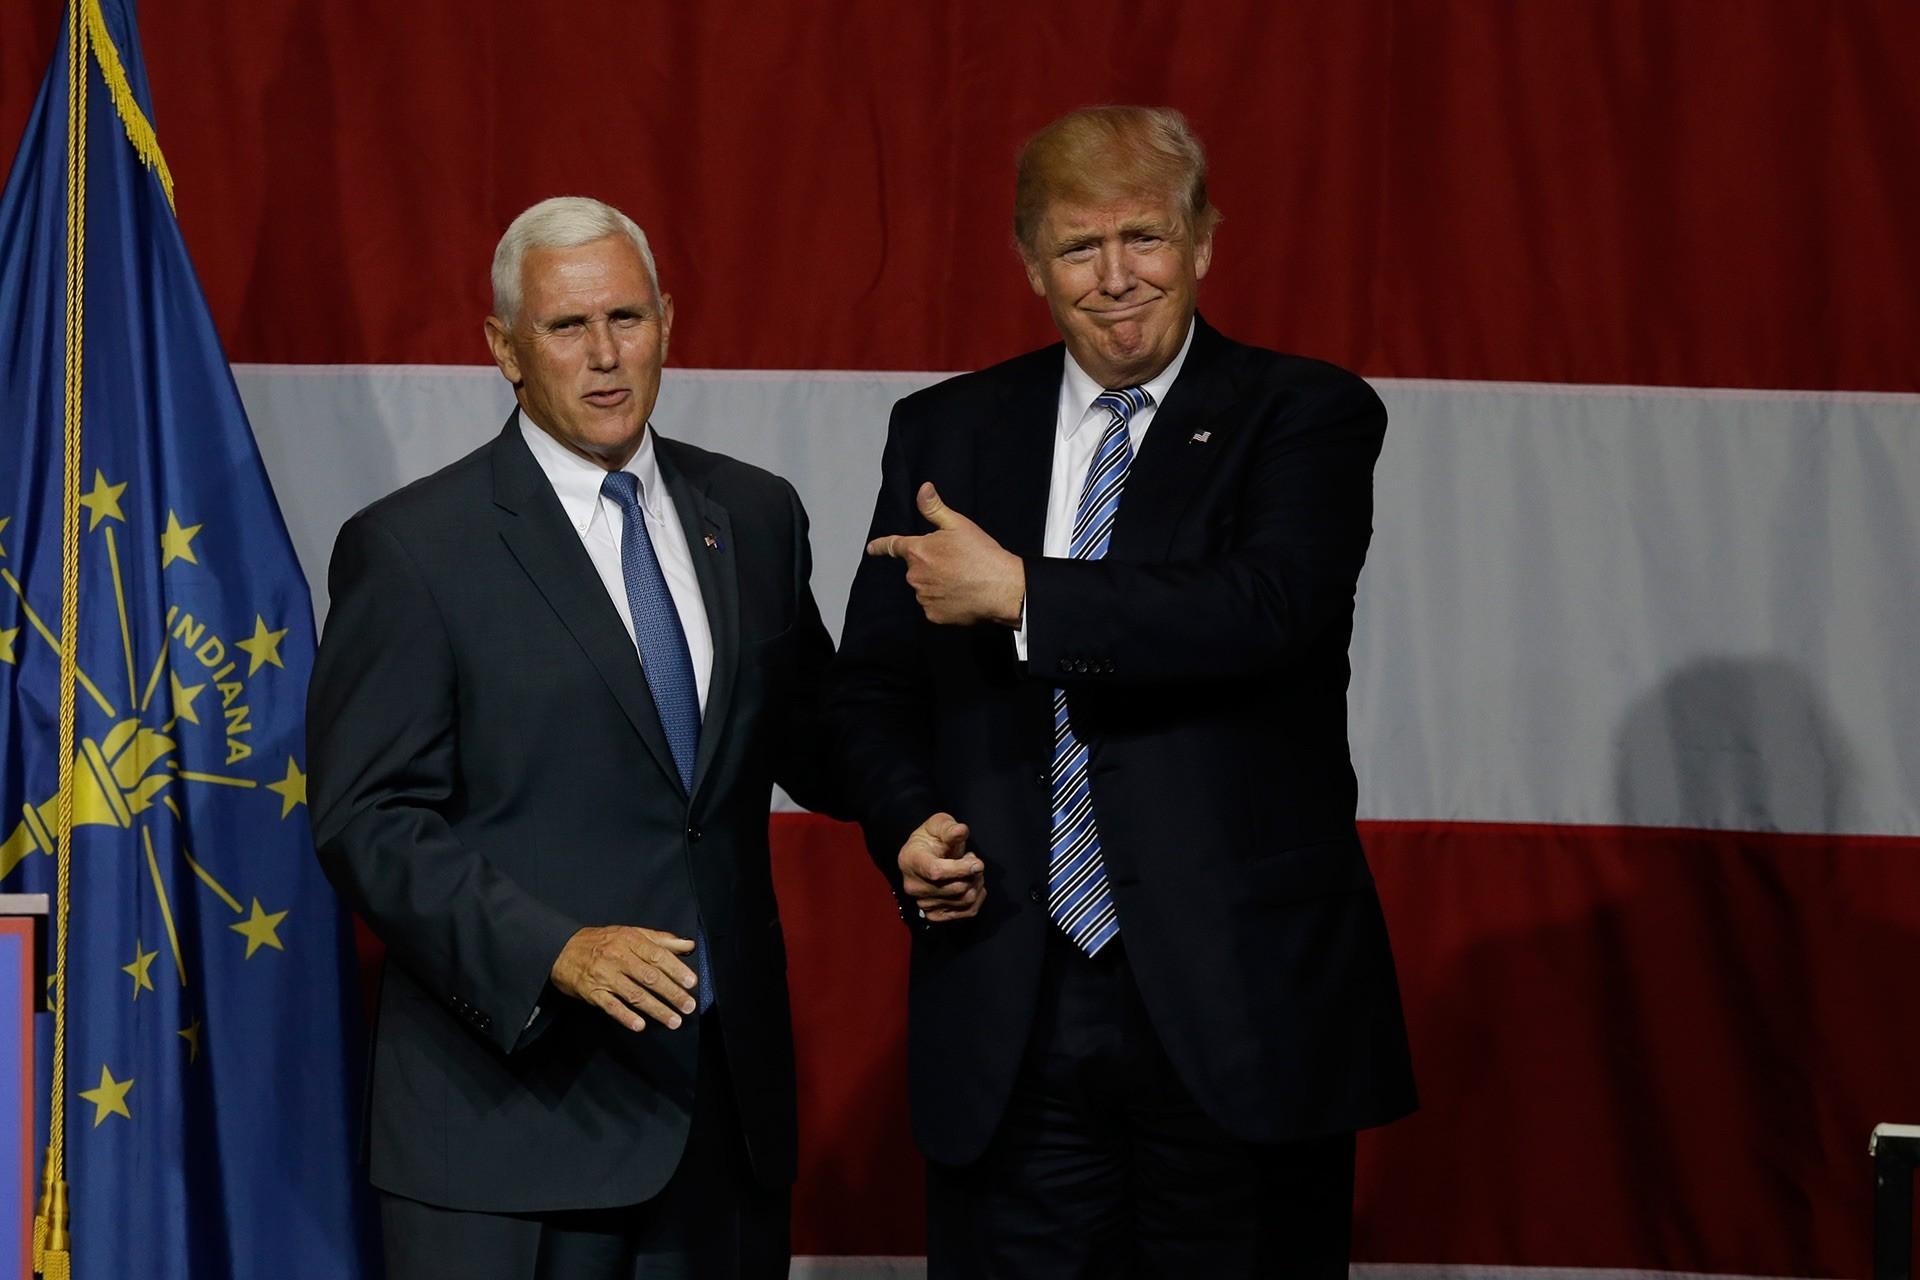 Трамп «освежит» отношения США сКремлем,— вице-президент США